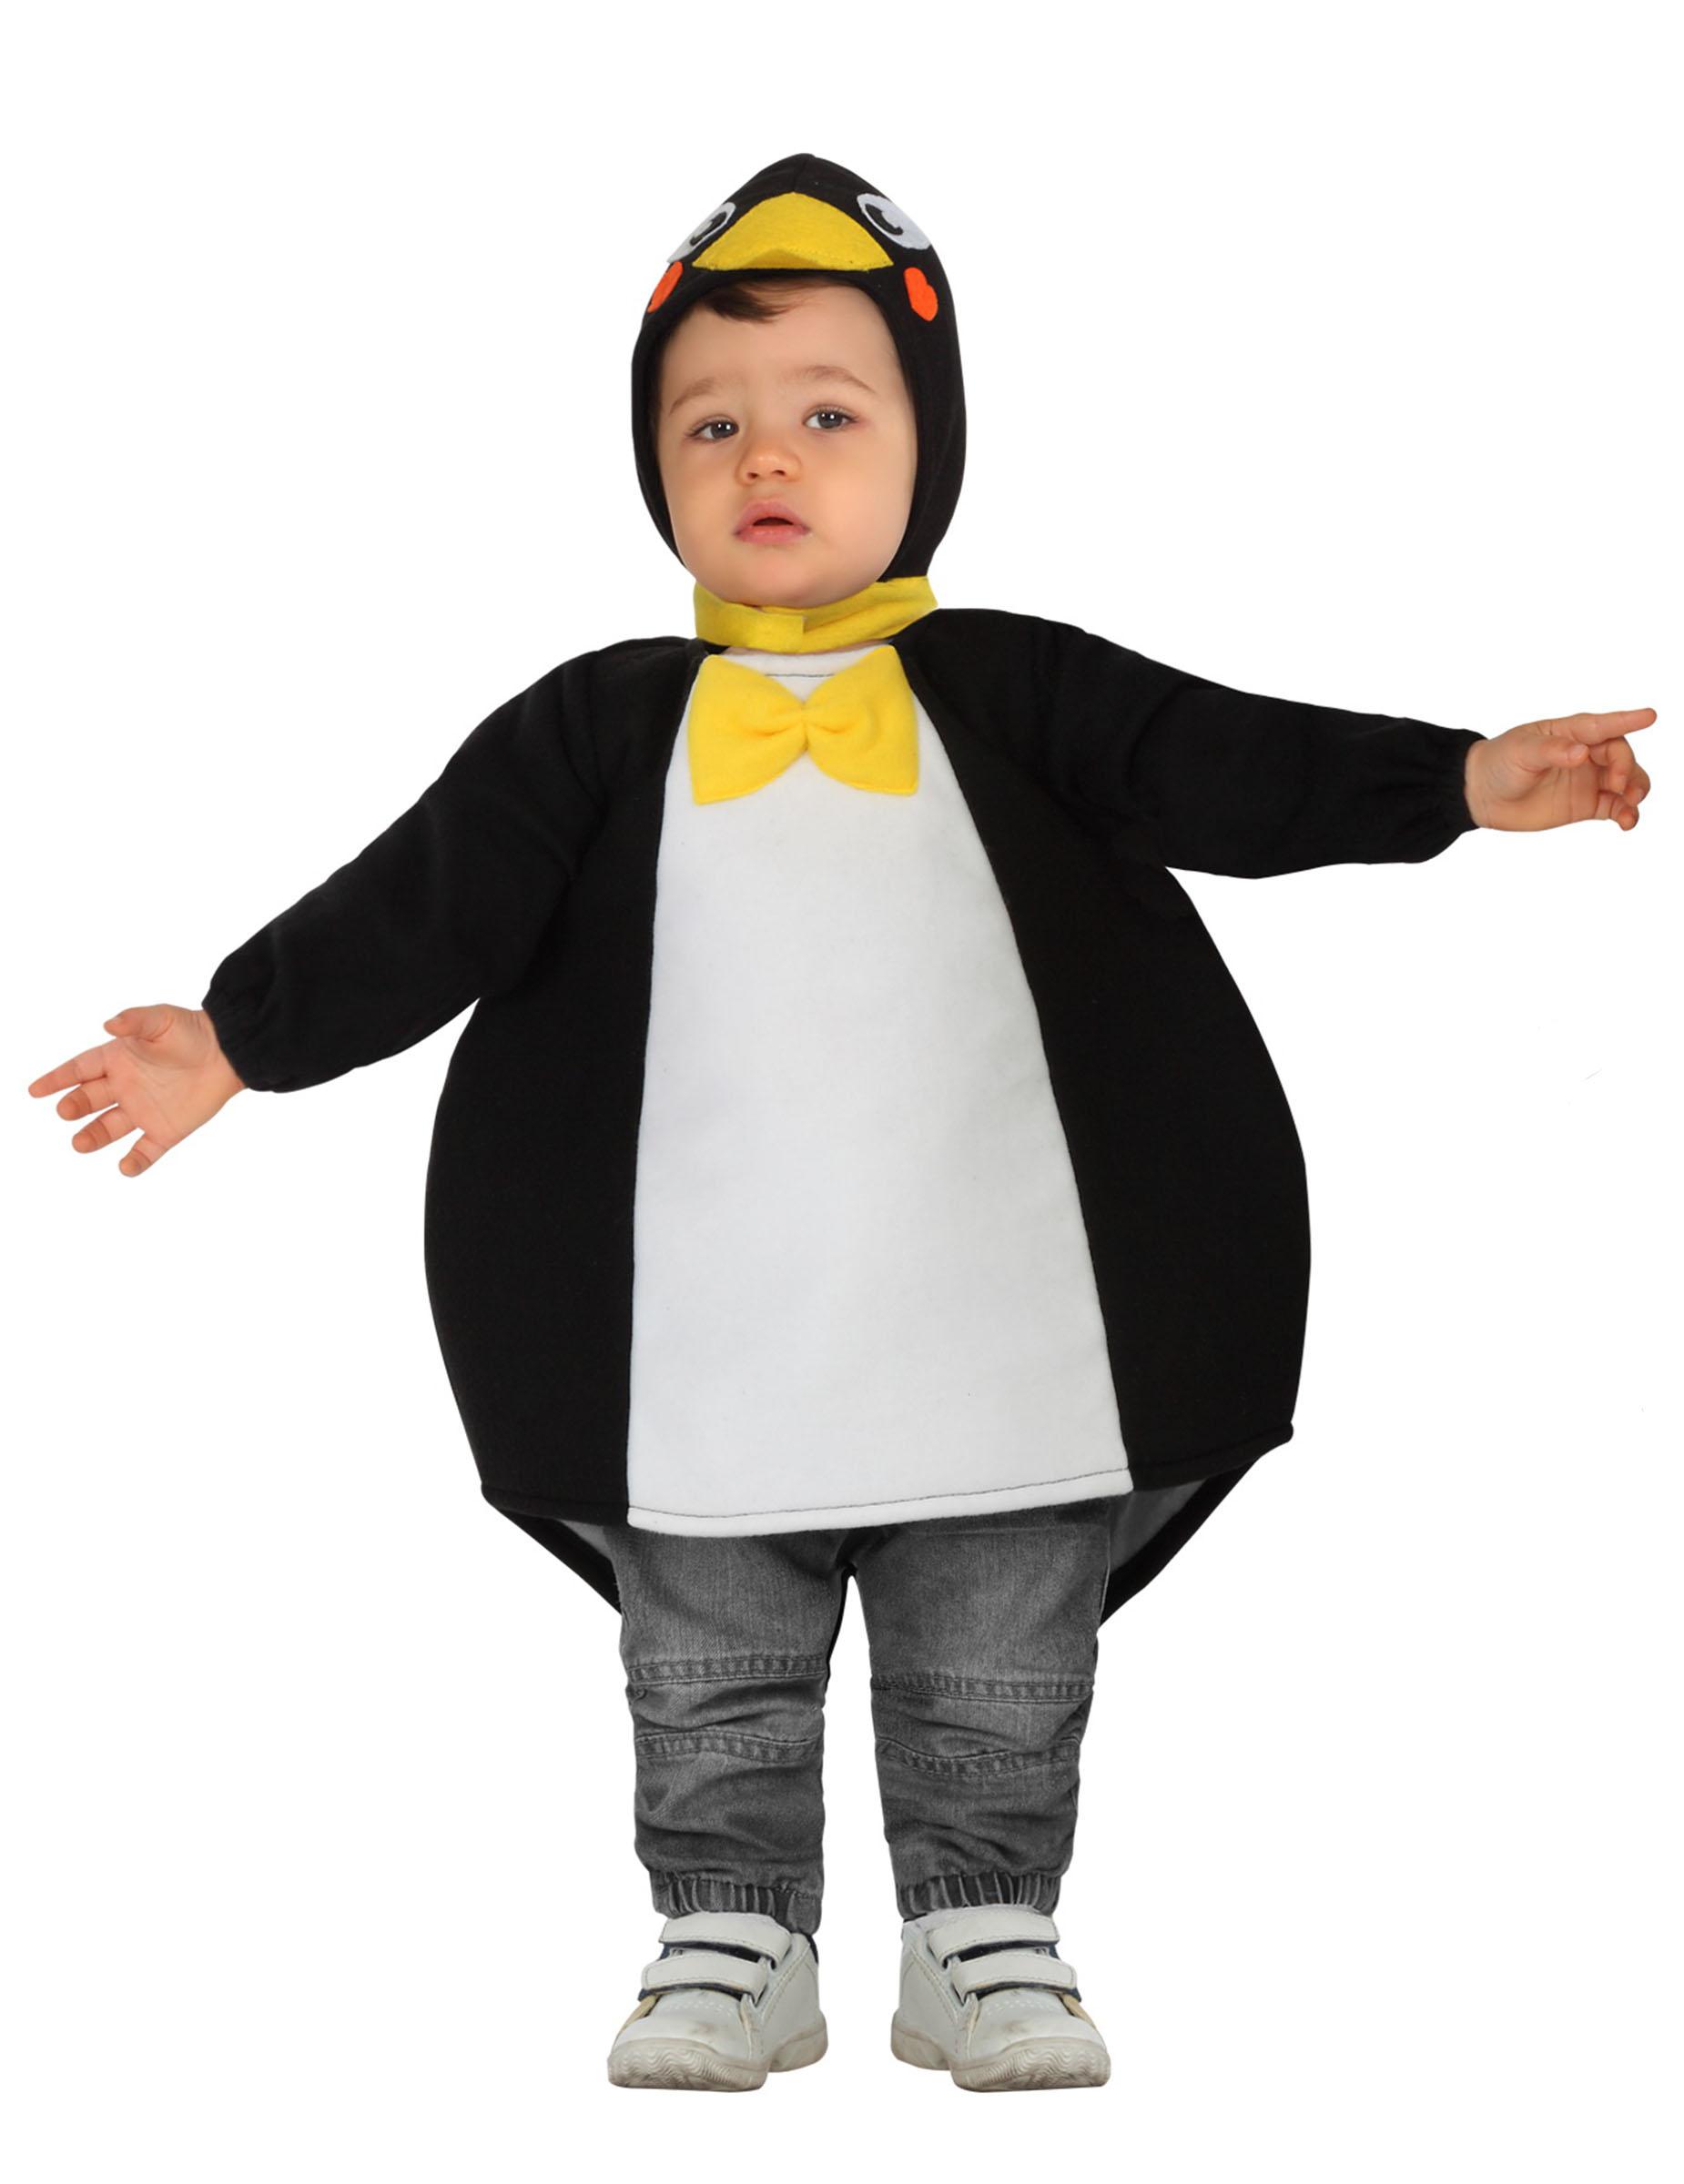 Costume da pinguino per neonato costumi bambini e vestiti di carnevale online vegaoo - Costume bagno neonato ...